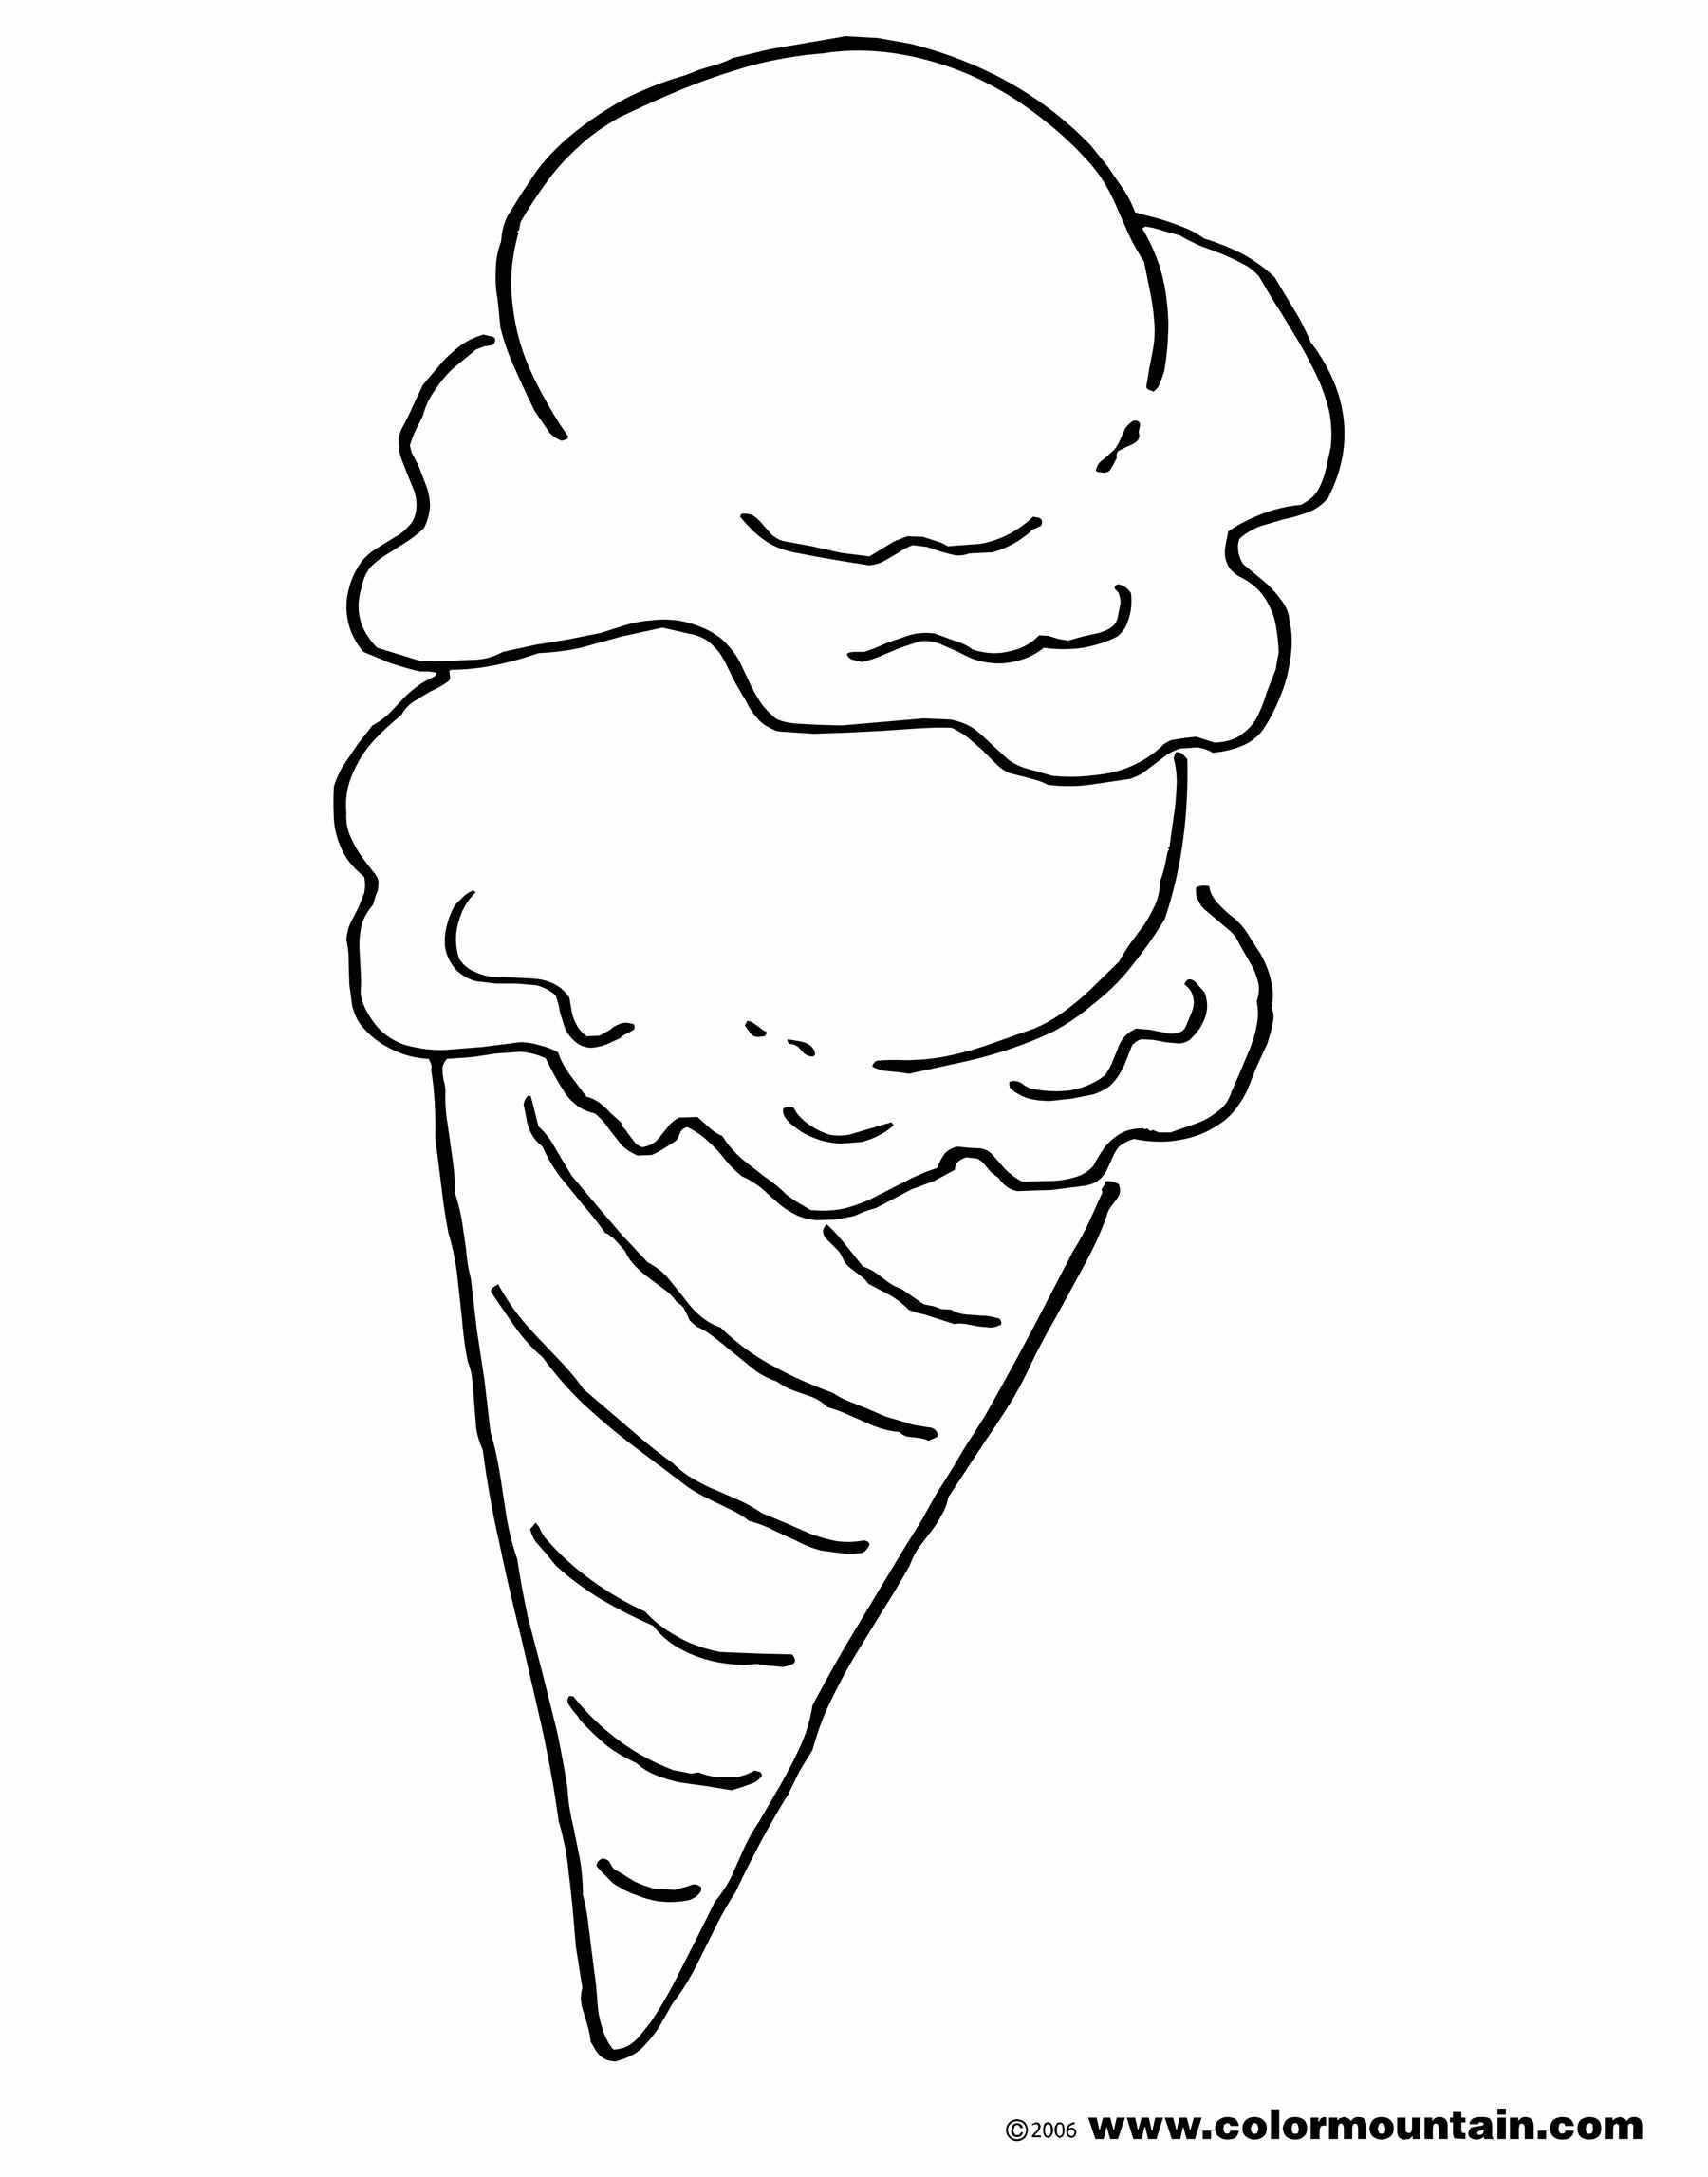 Ice Cream Cone Coloring Pictures Ice Cream Coloring Pages Coloring Pages Free Coloring Pages